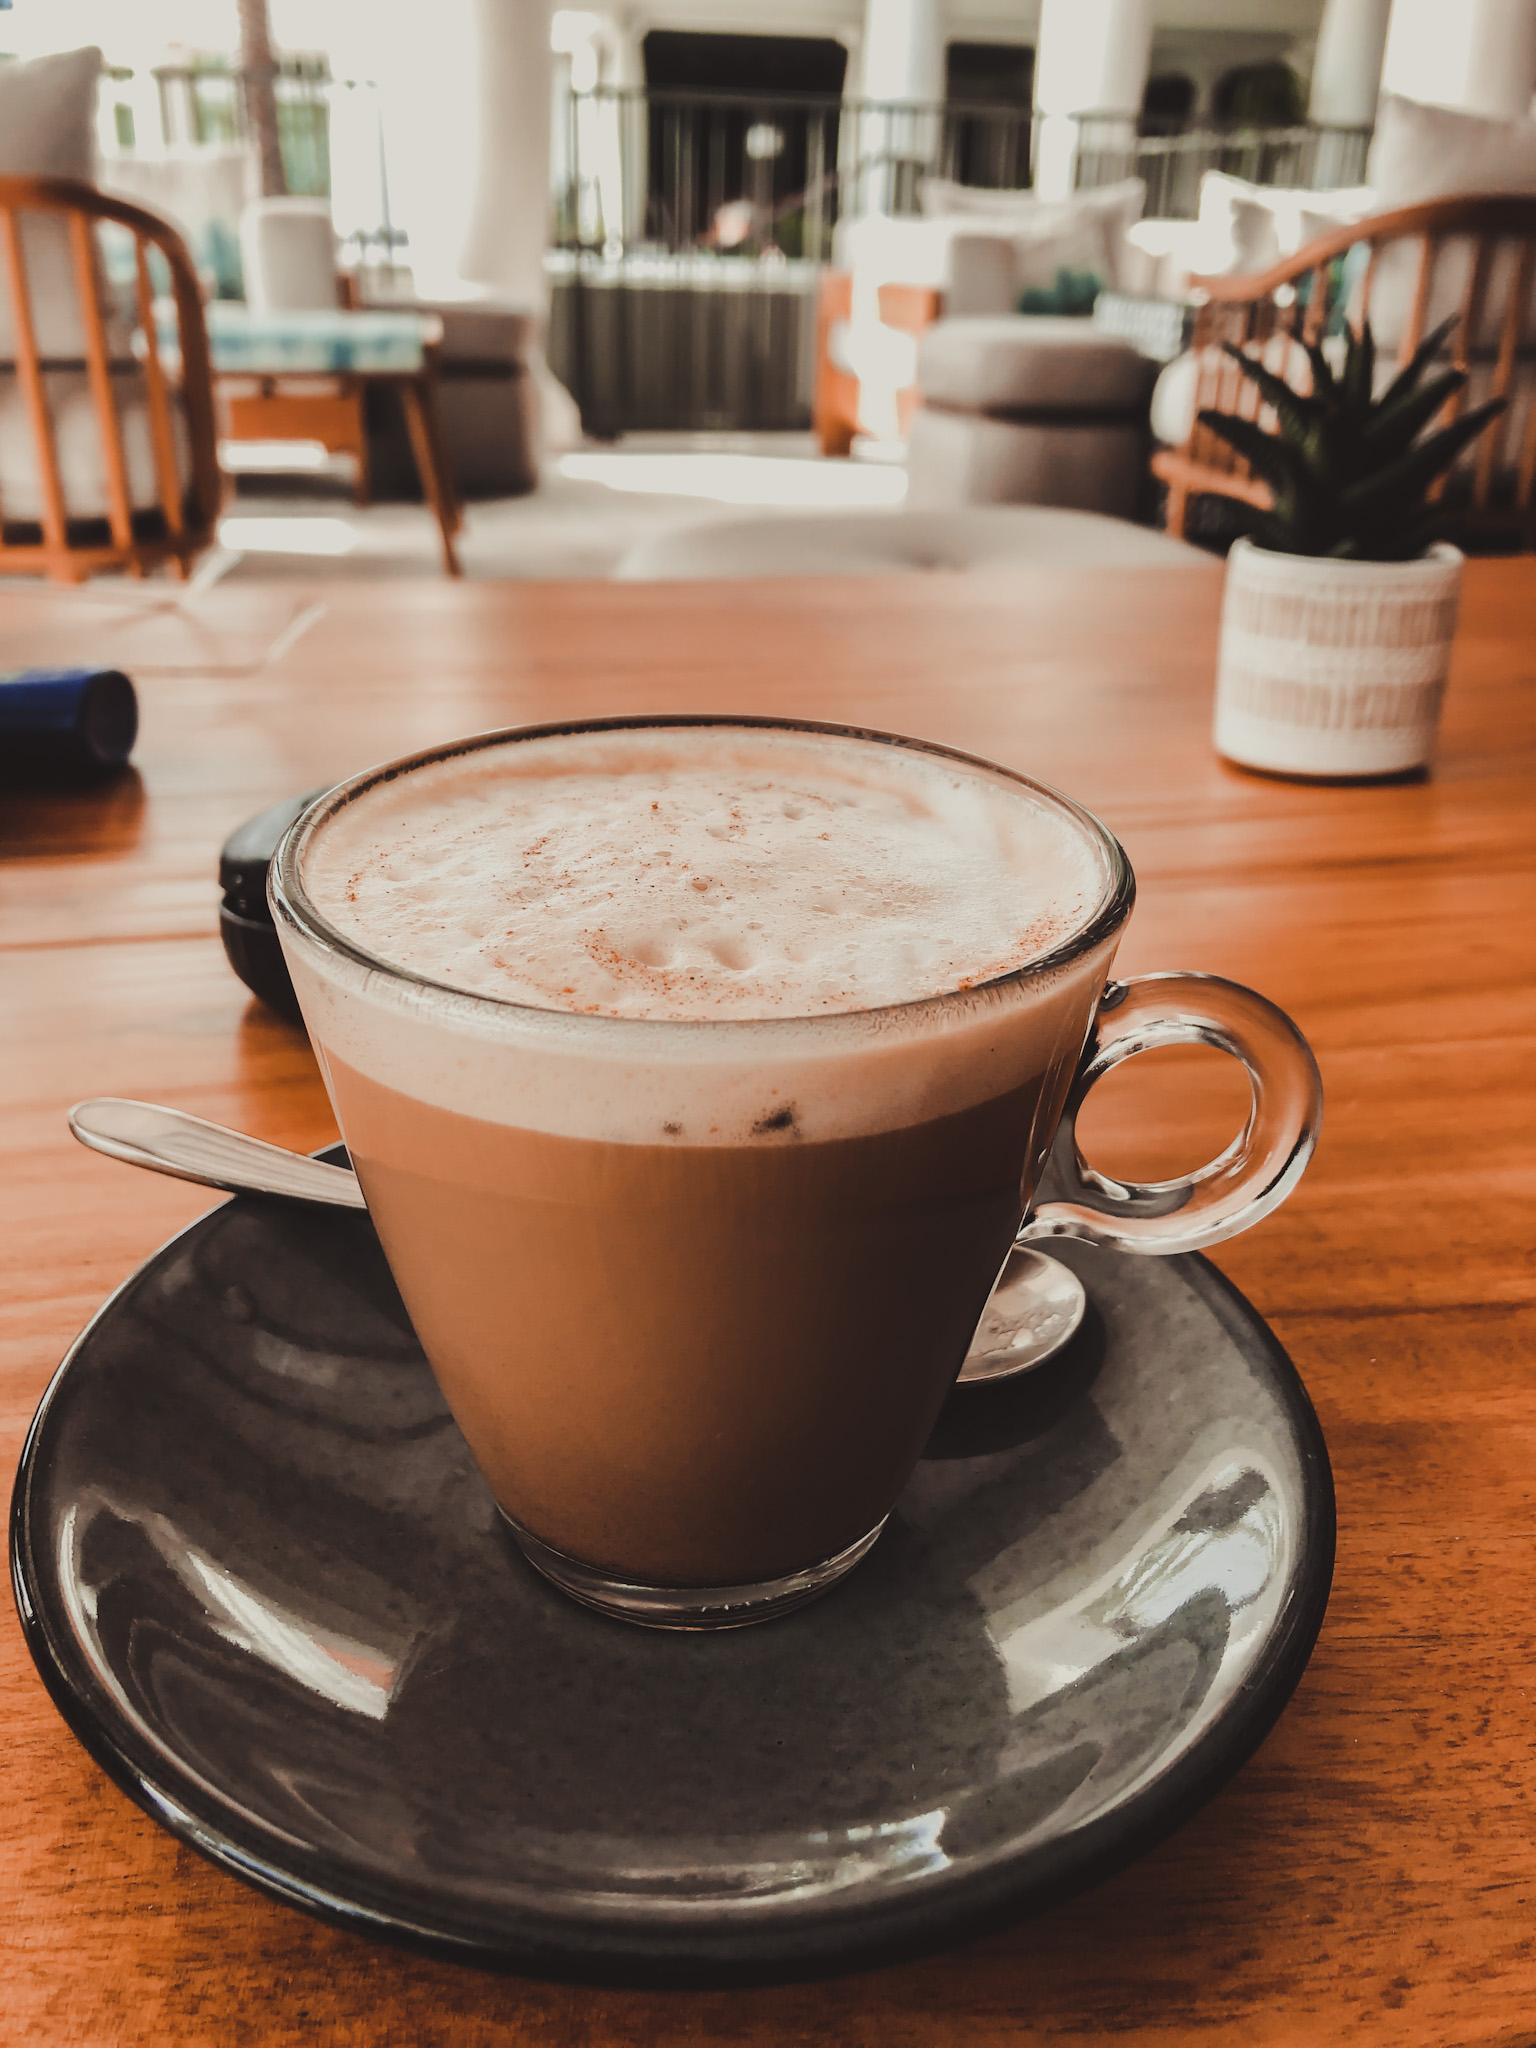 Glazenkopje op schotel met koffie